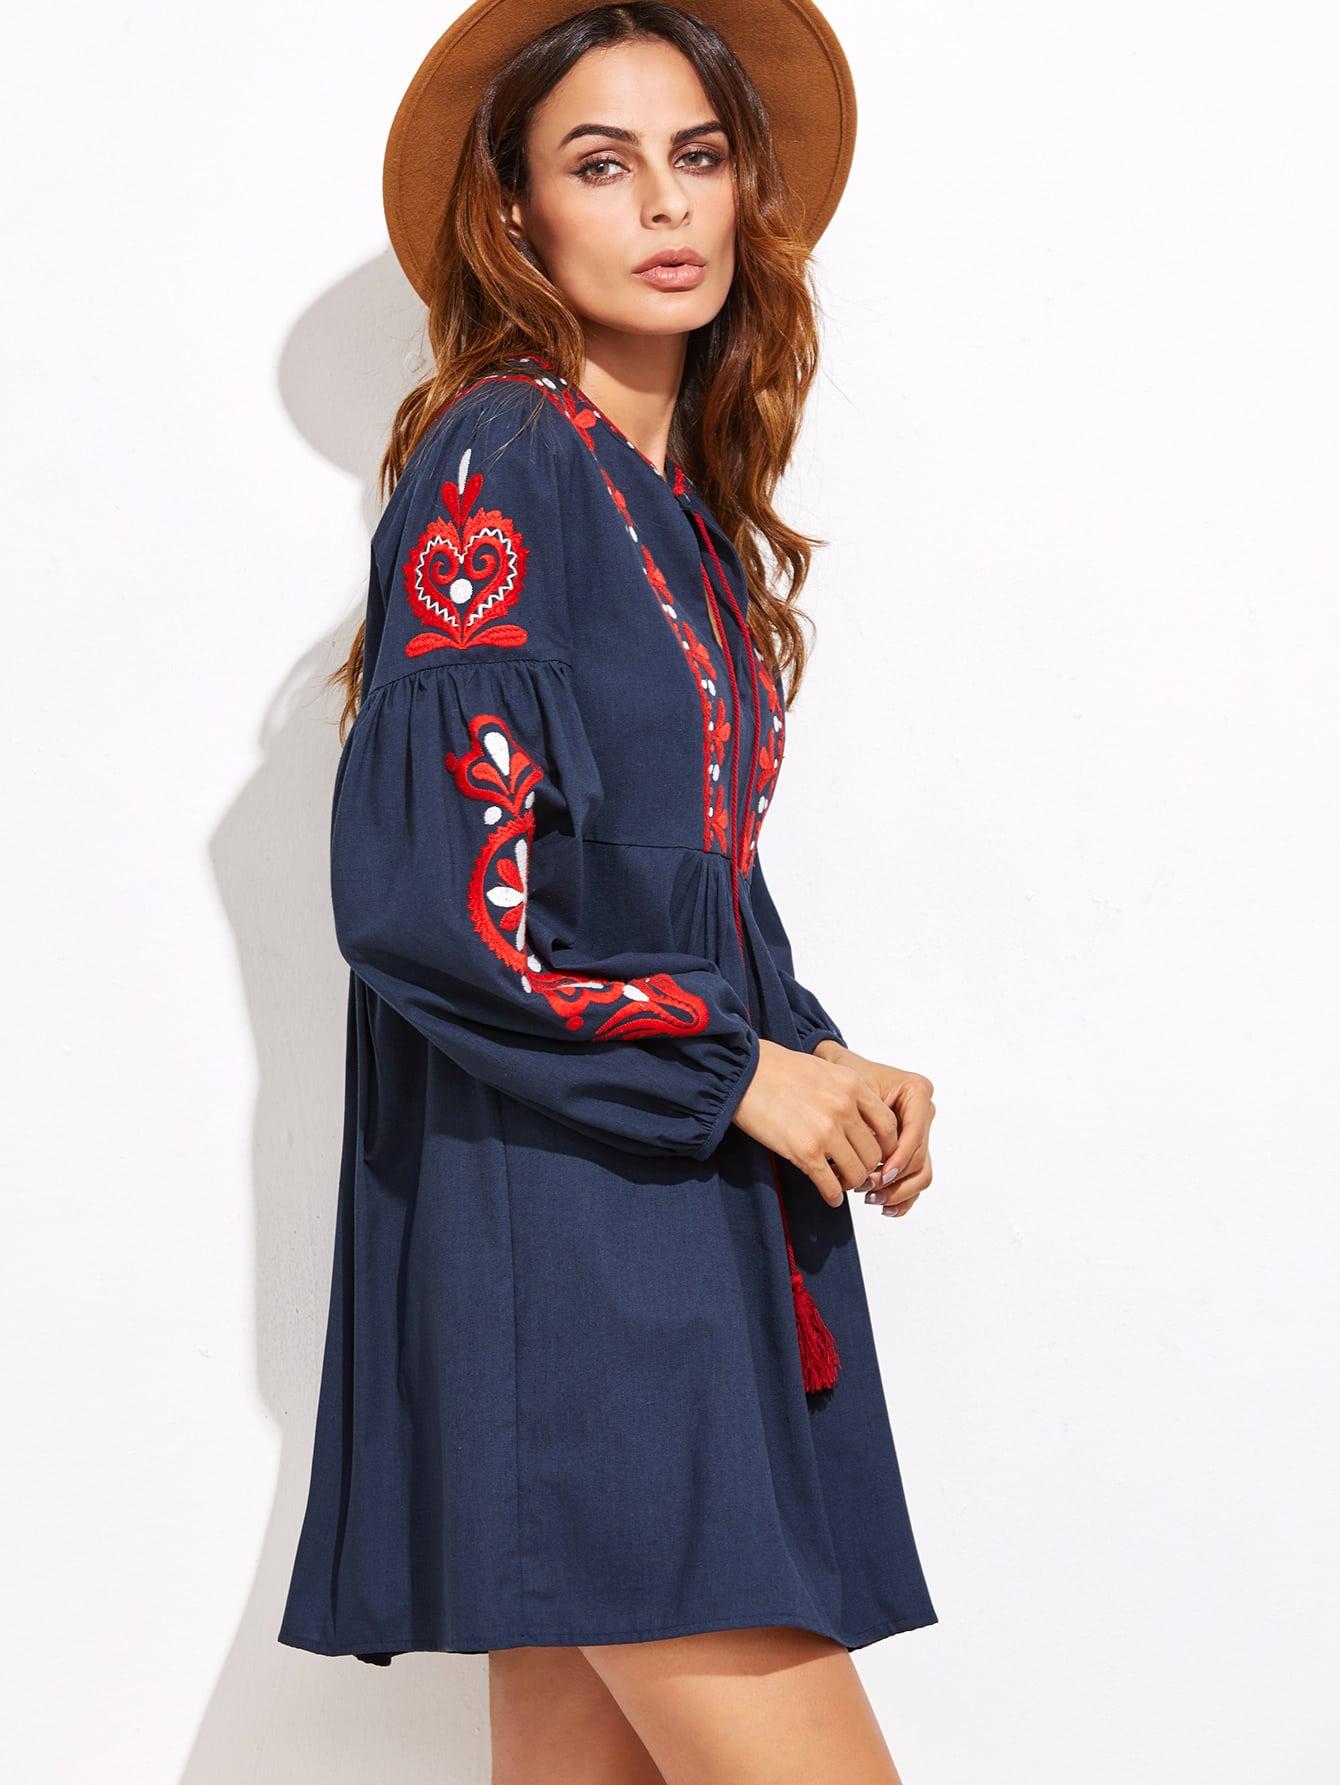 dress161007474_2